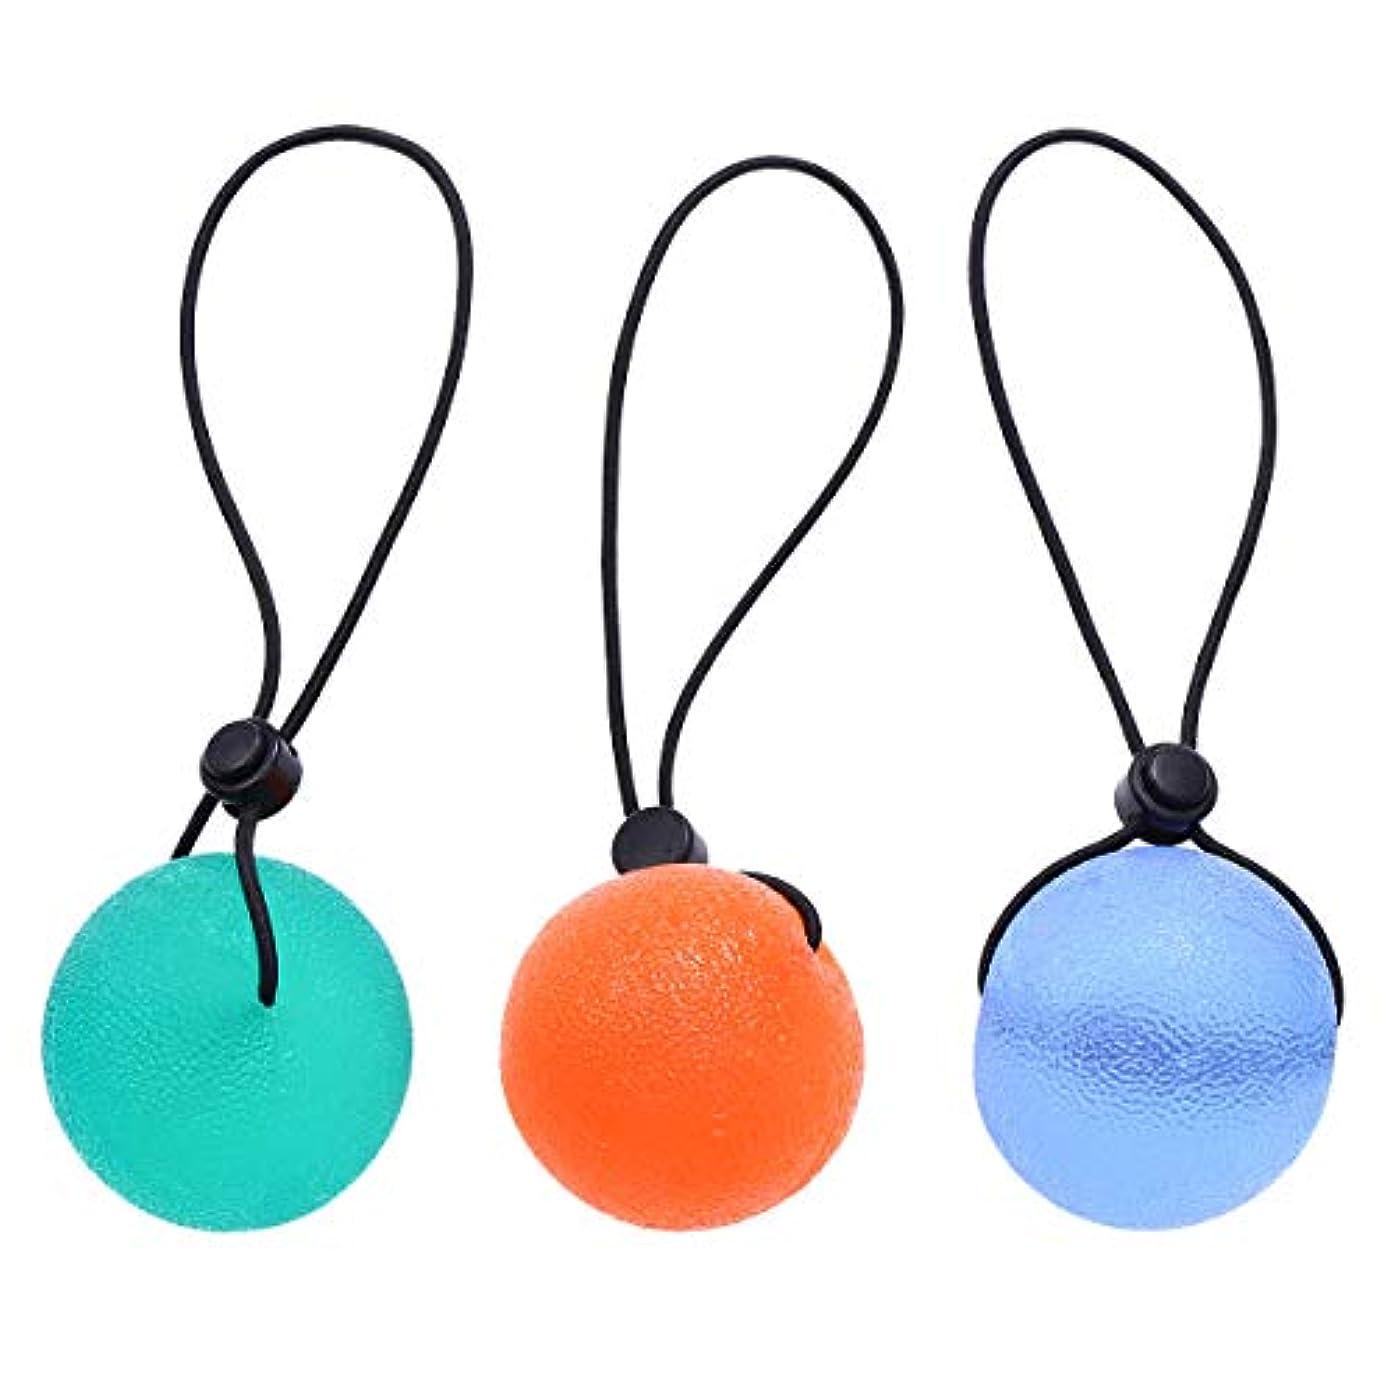 自治的崖哺乳類SUPVOX 3個シリコーングリップボールハンドエクササイズボールハンドセラピー強化剤トレーナー